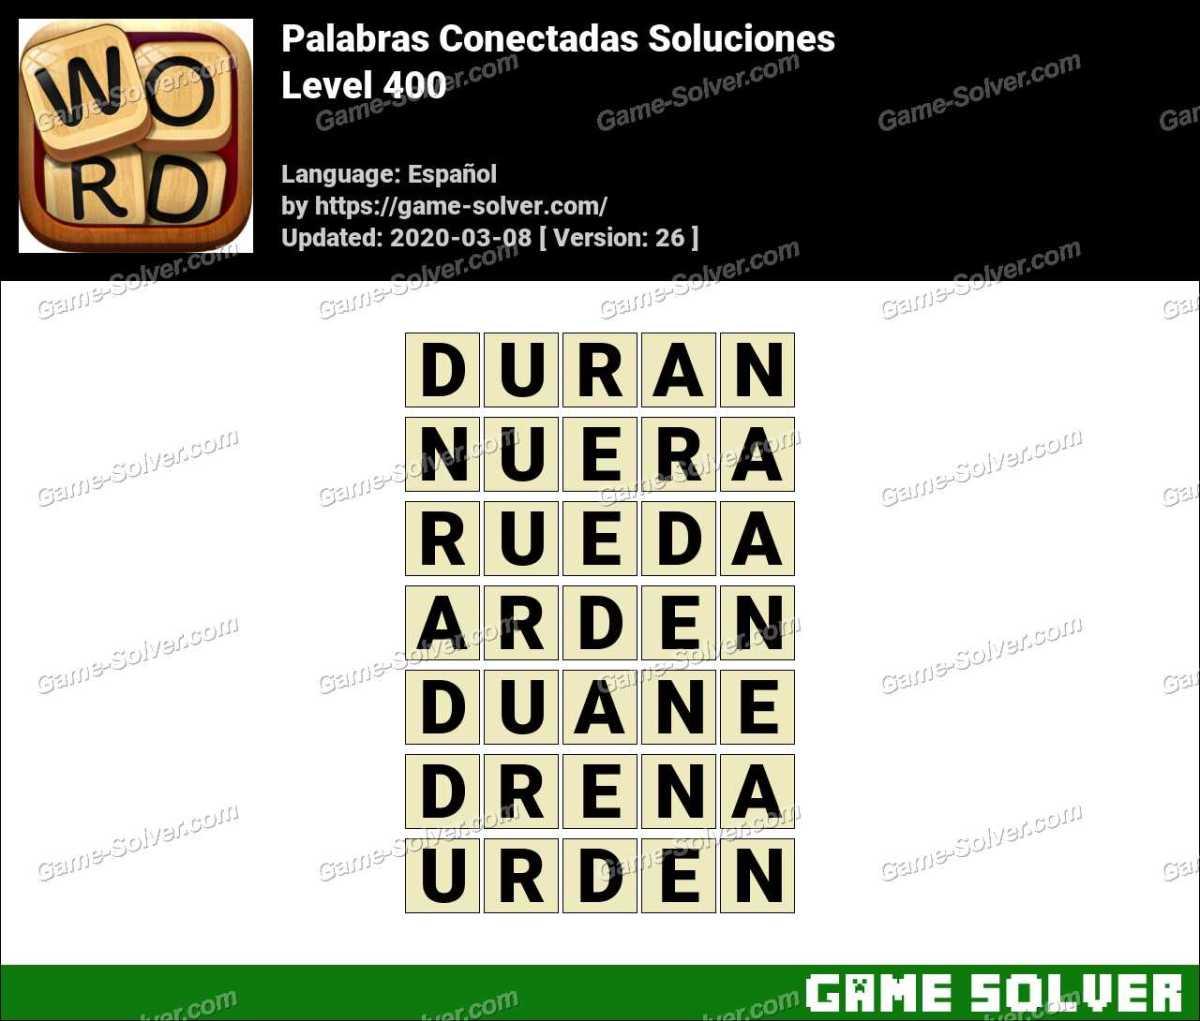 Palabras Conectadas Nivel 400 Soluciones